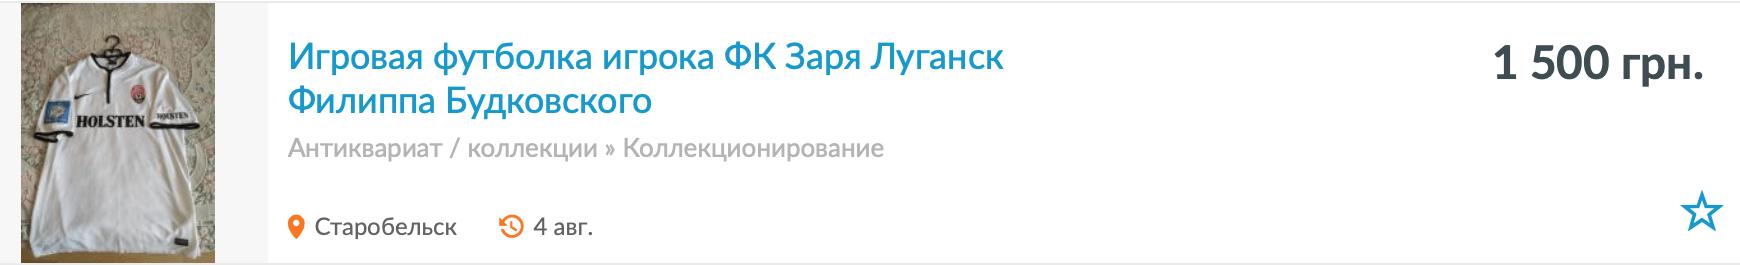 Вот это болельщики: онлайн можно купить футболки Шевченко, Ярмоленко и многих других (Фото) - изображение 6